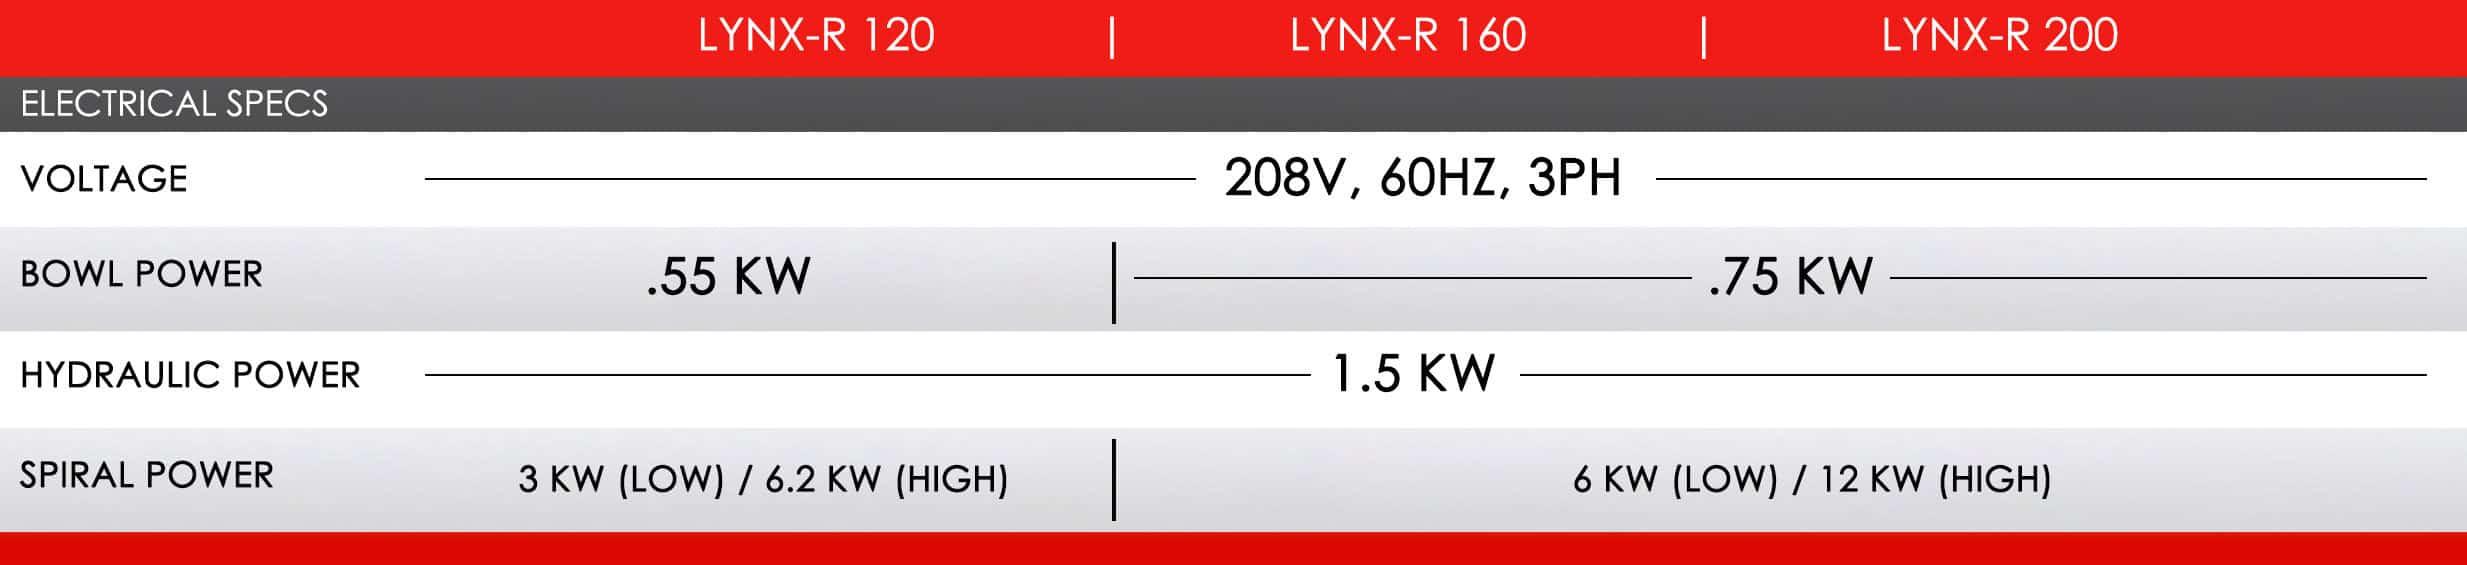 LYNX-R Electrical Specs